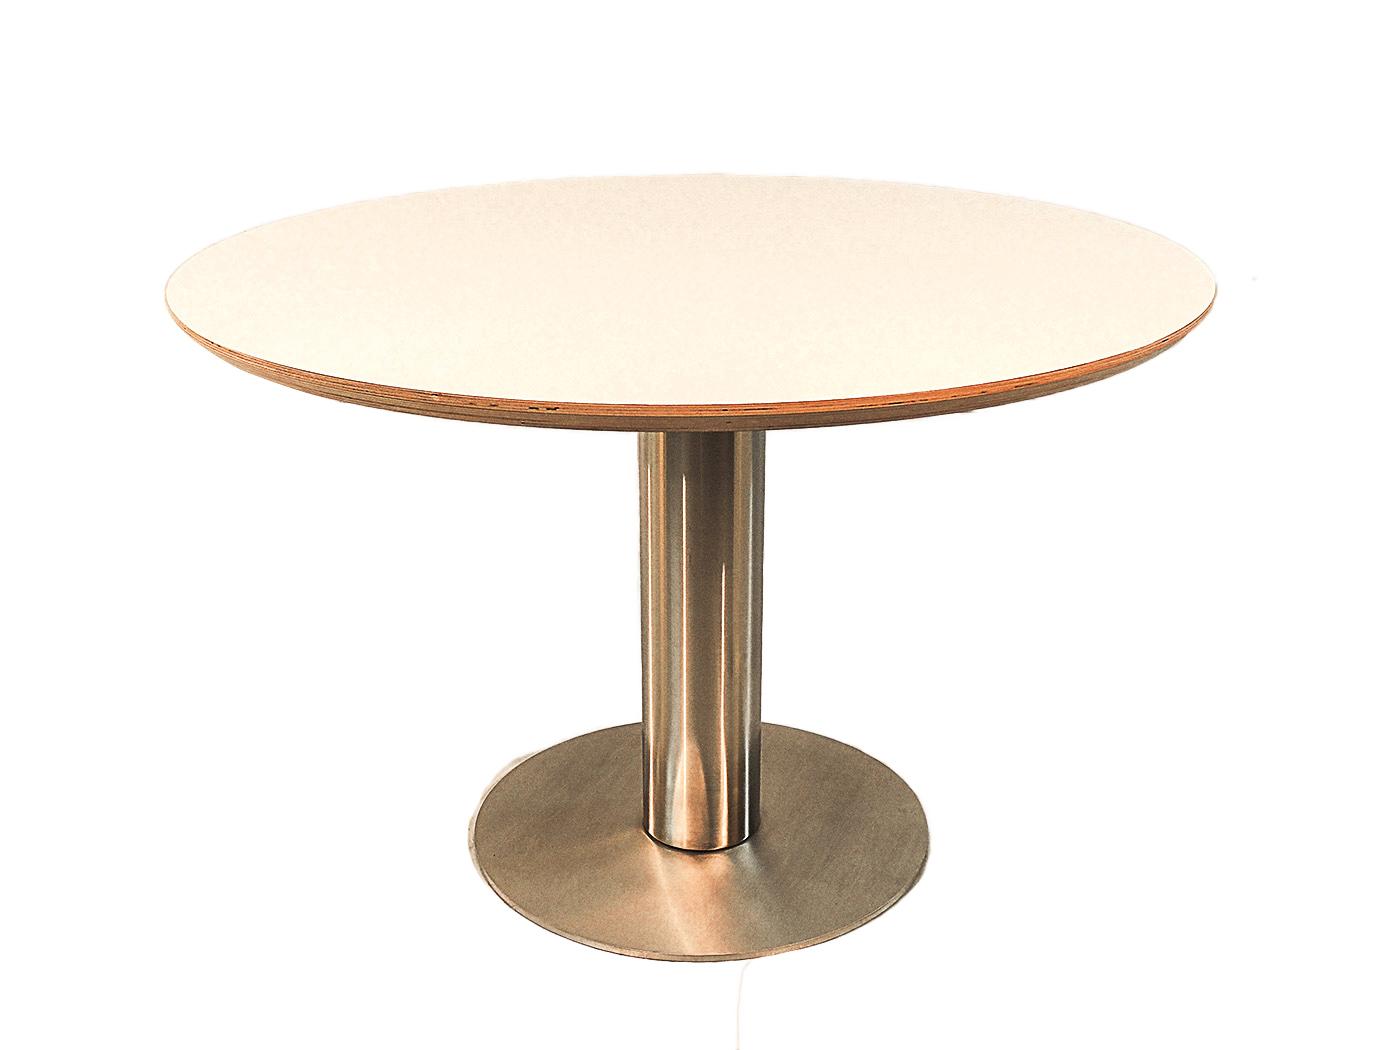 Orvieto ronde tafel met wit blad